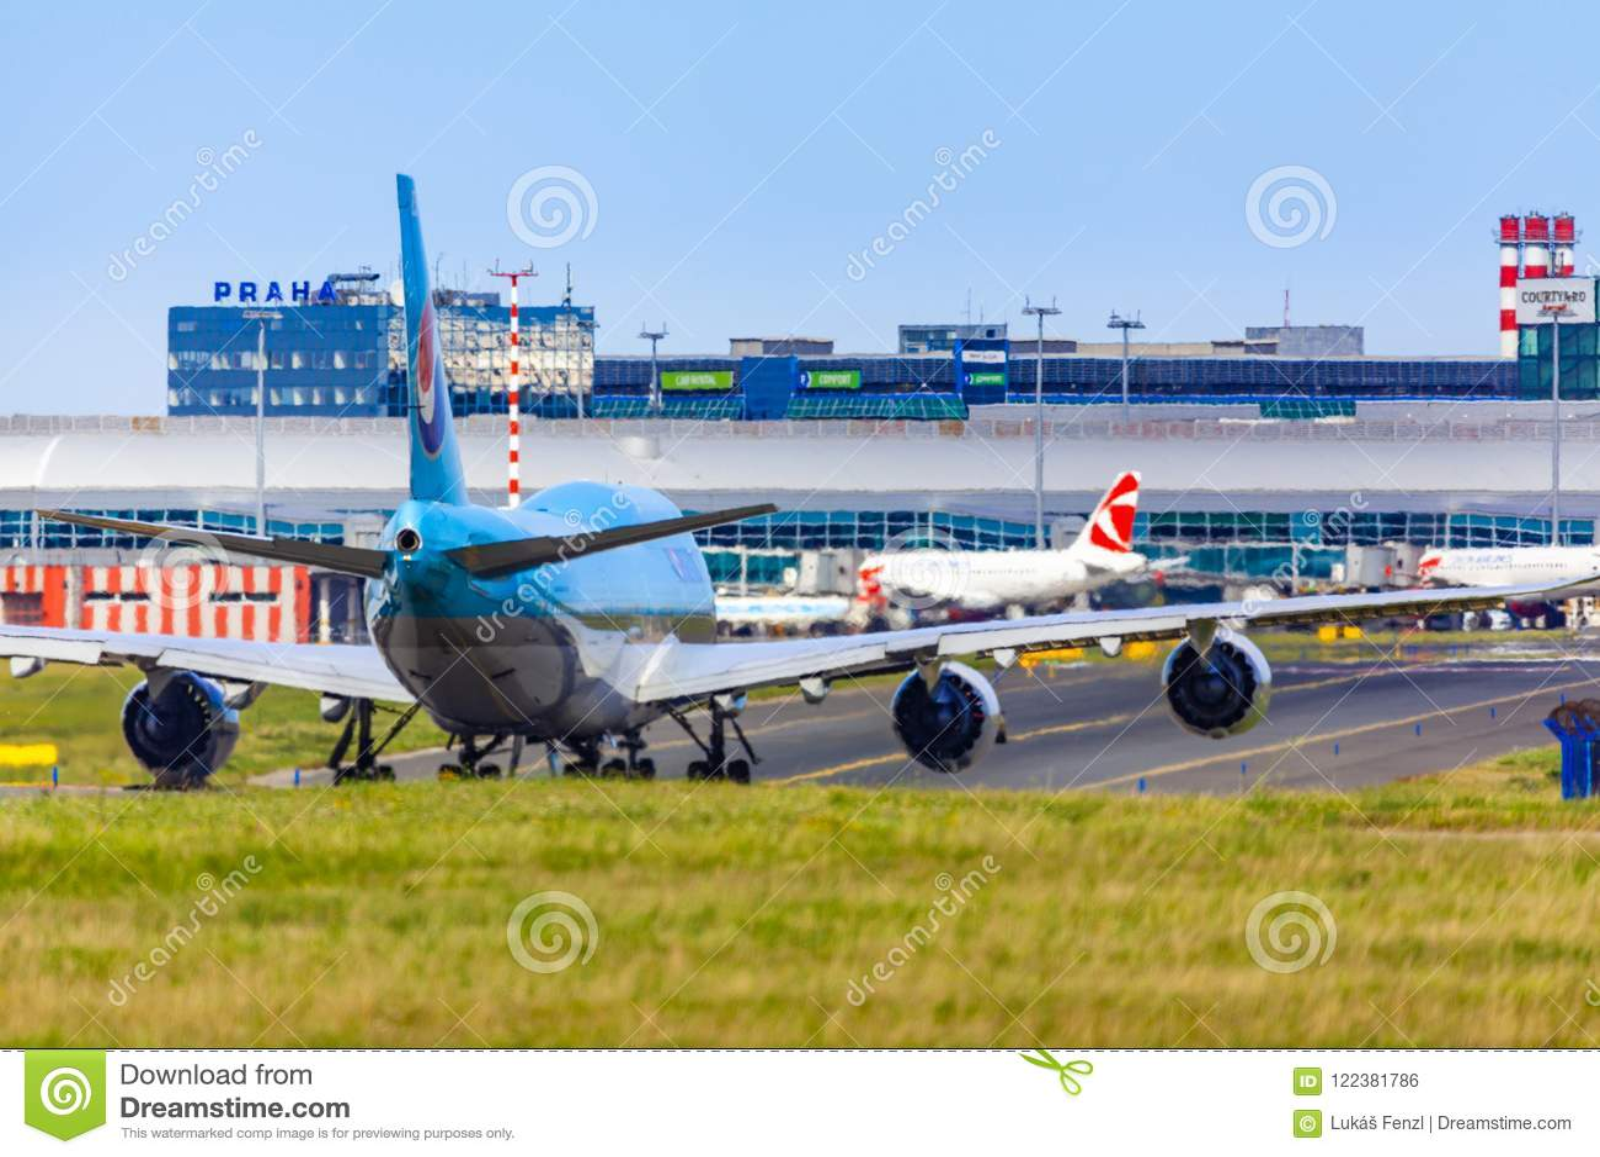 REPÚBLICA CHECA, Praga - 2018/07/07: Aterrizaje y llegadas en el VAC